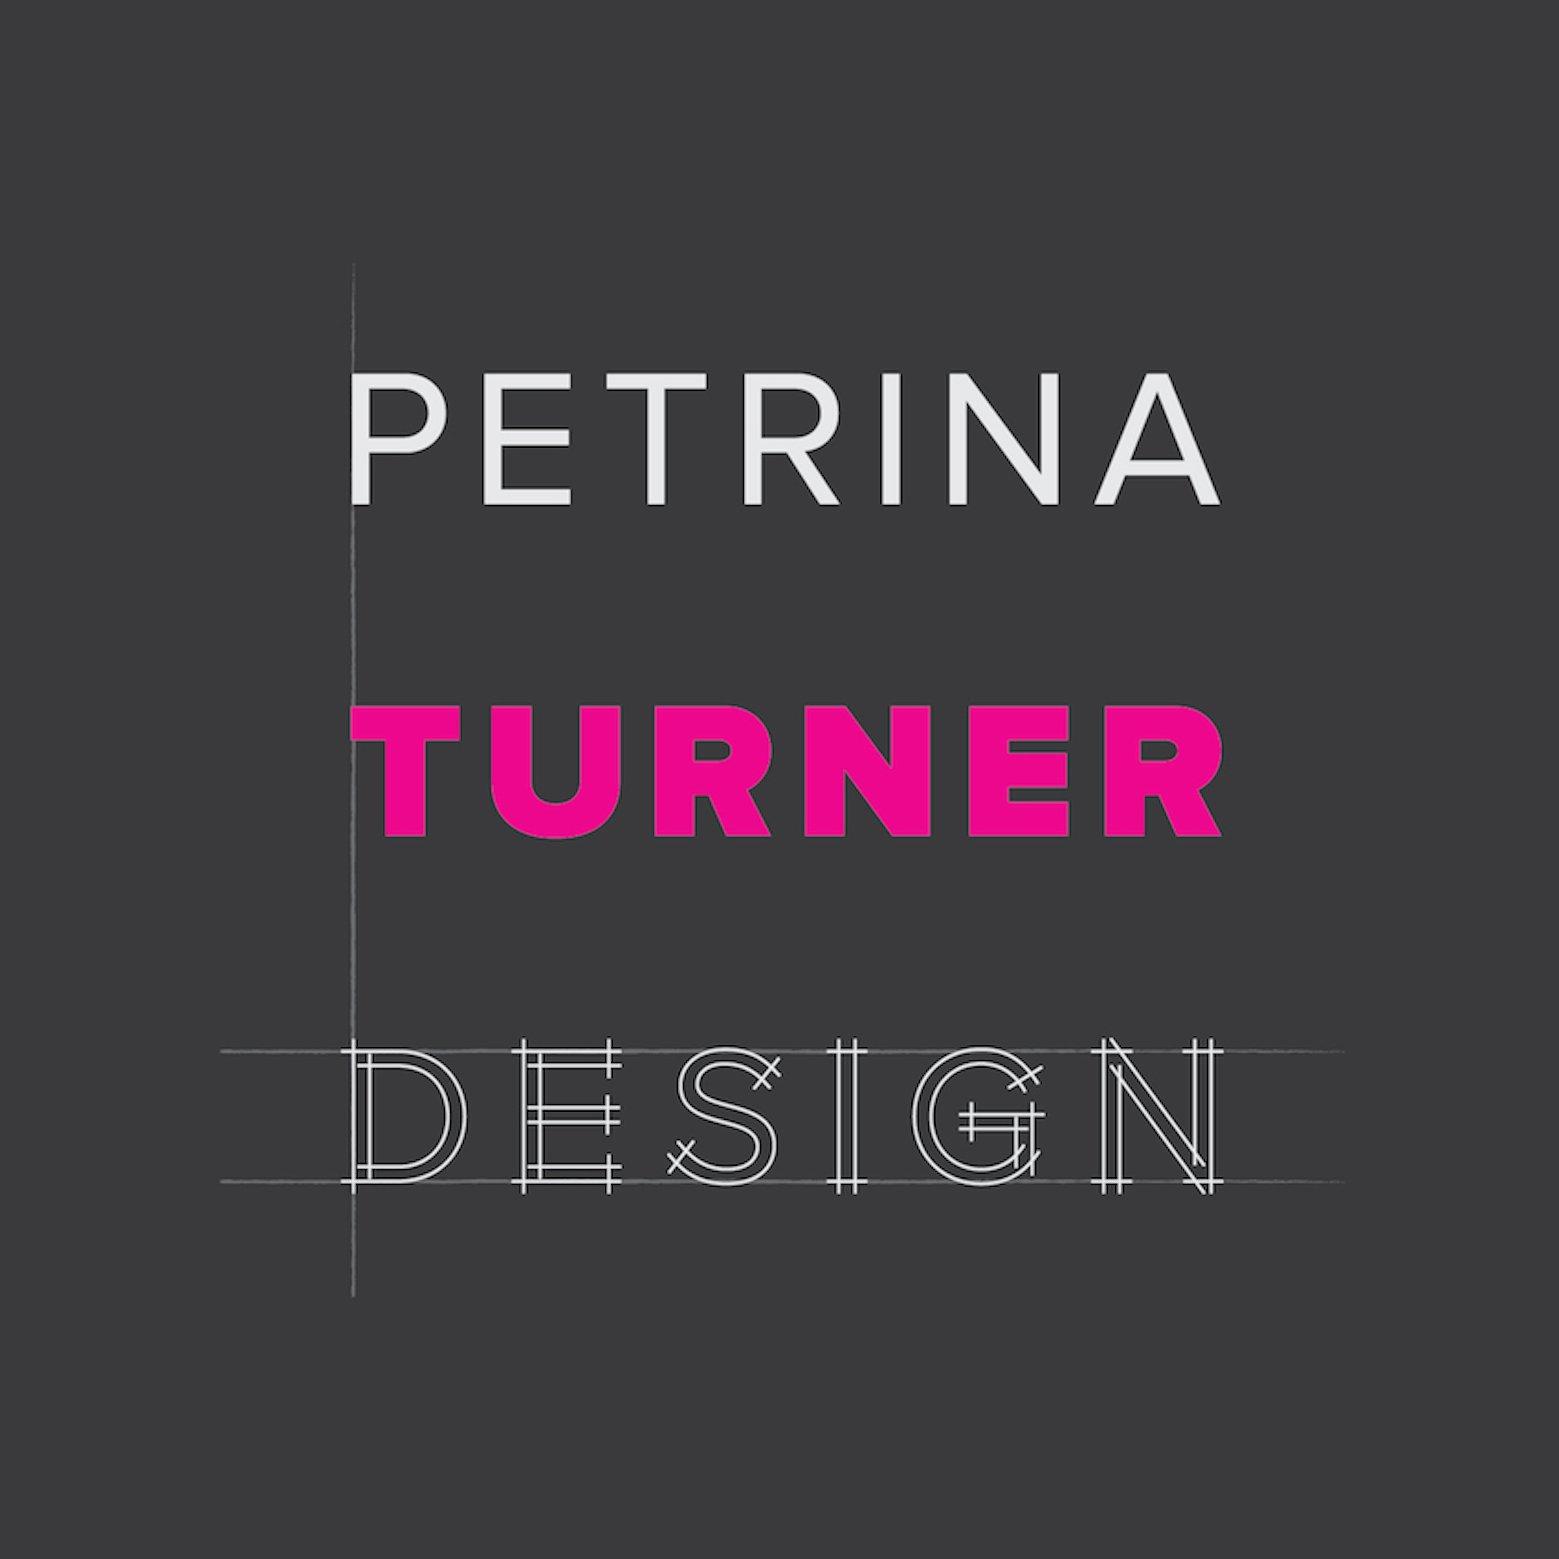 Petrina Turner Design